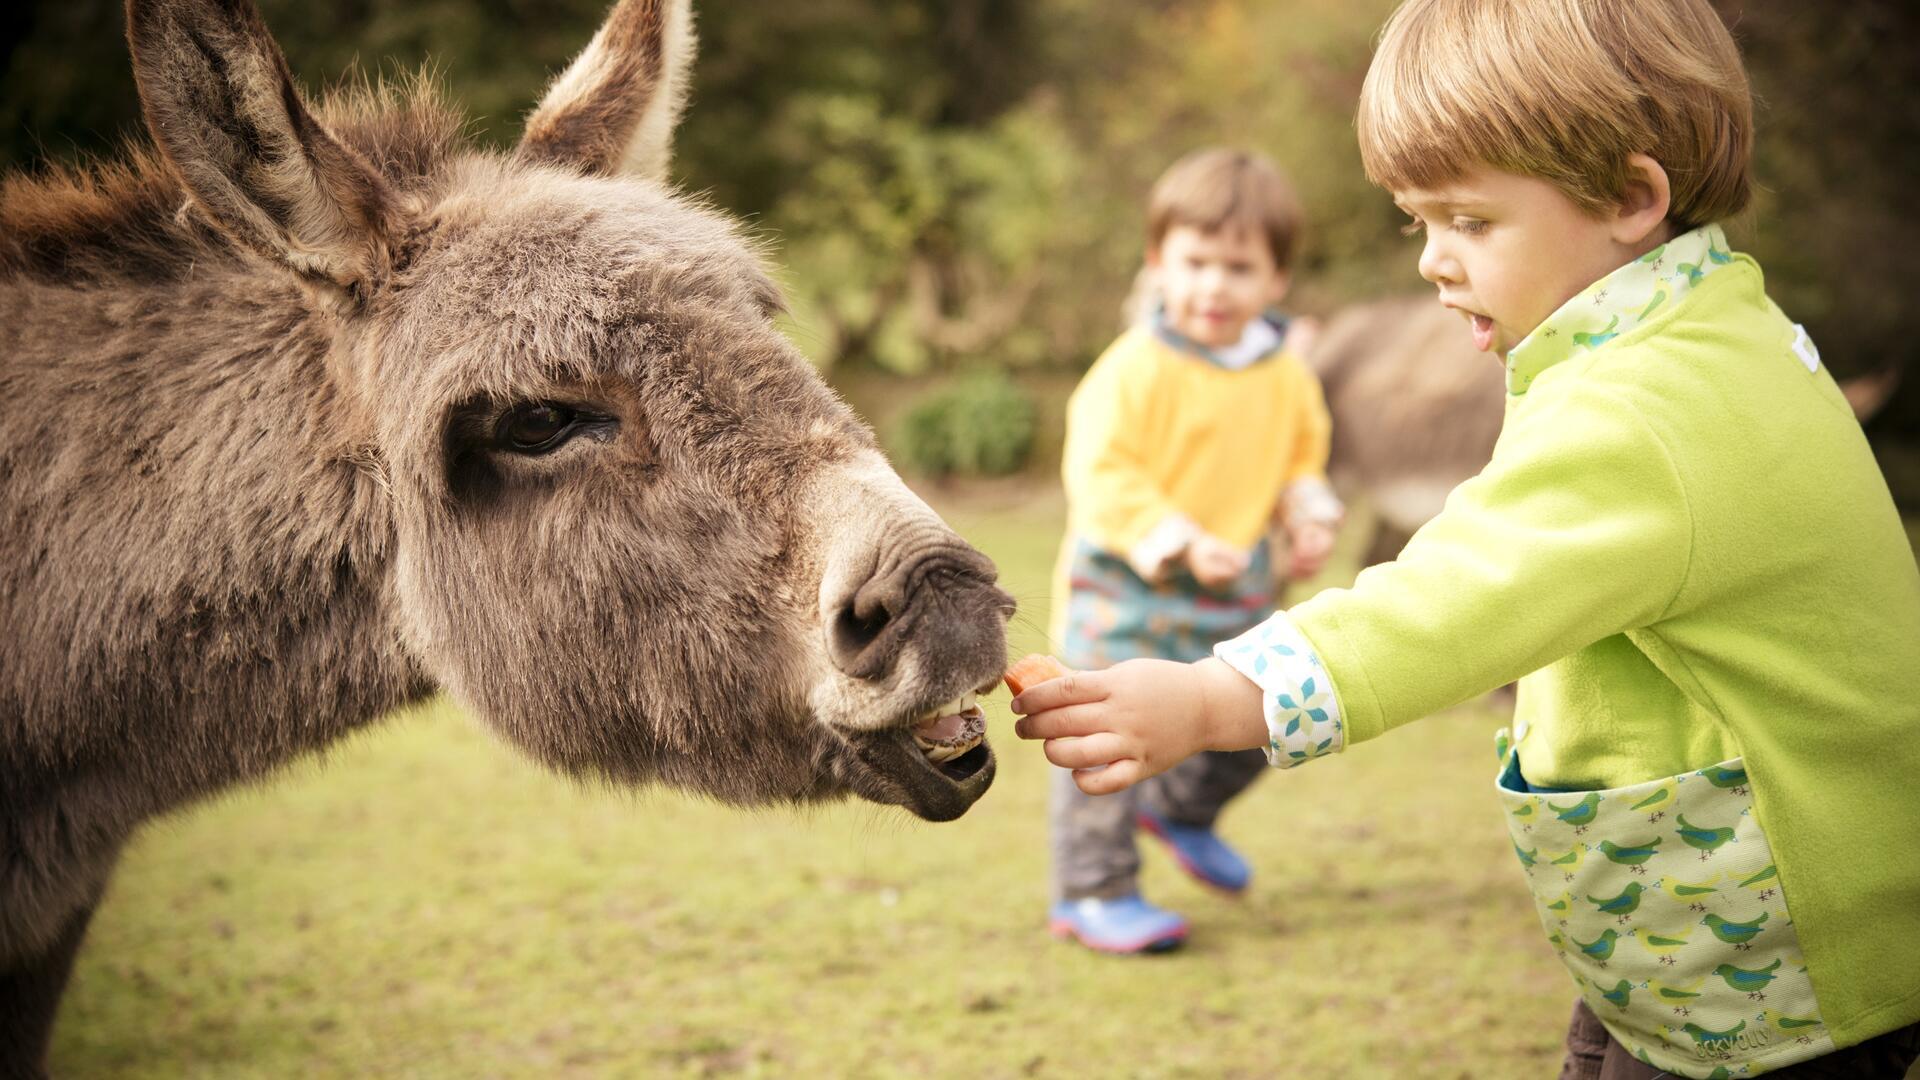 Child-friendly farm stay in South Devon